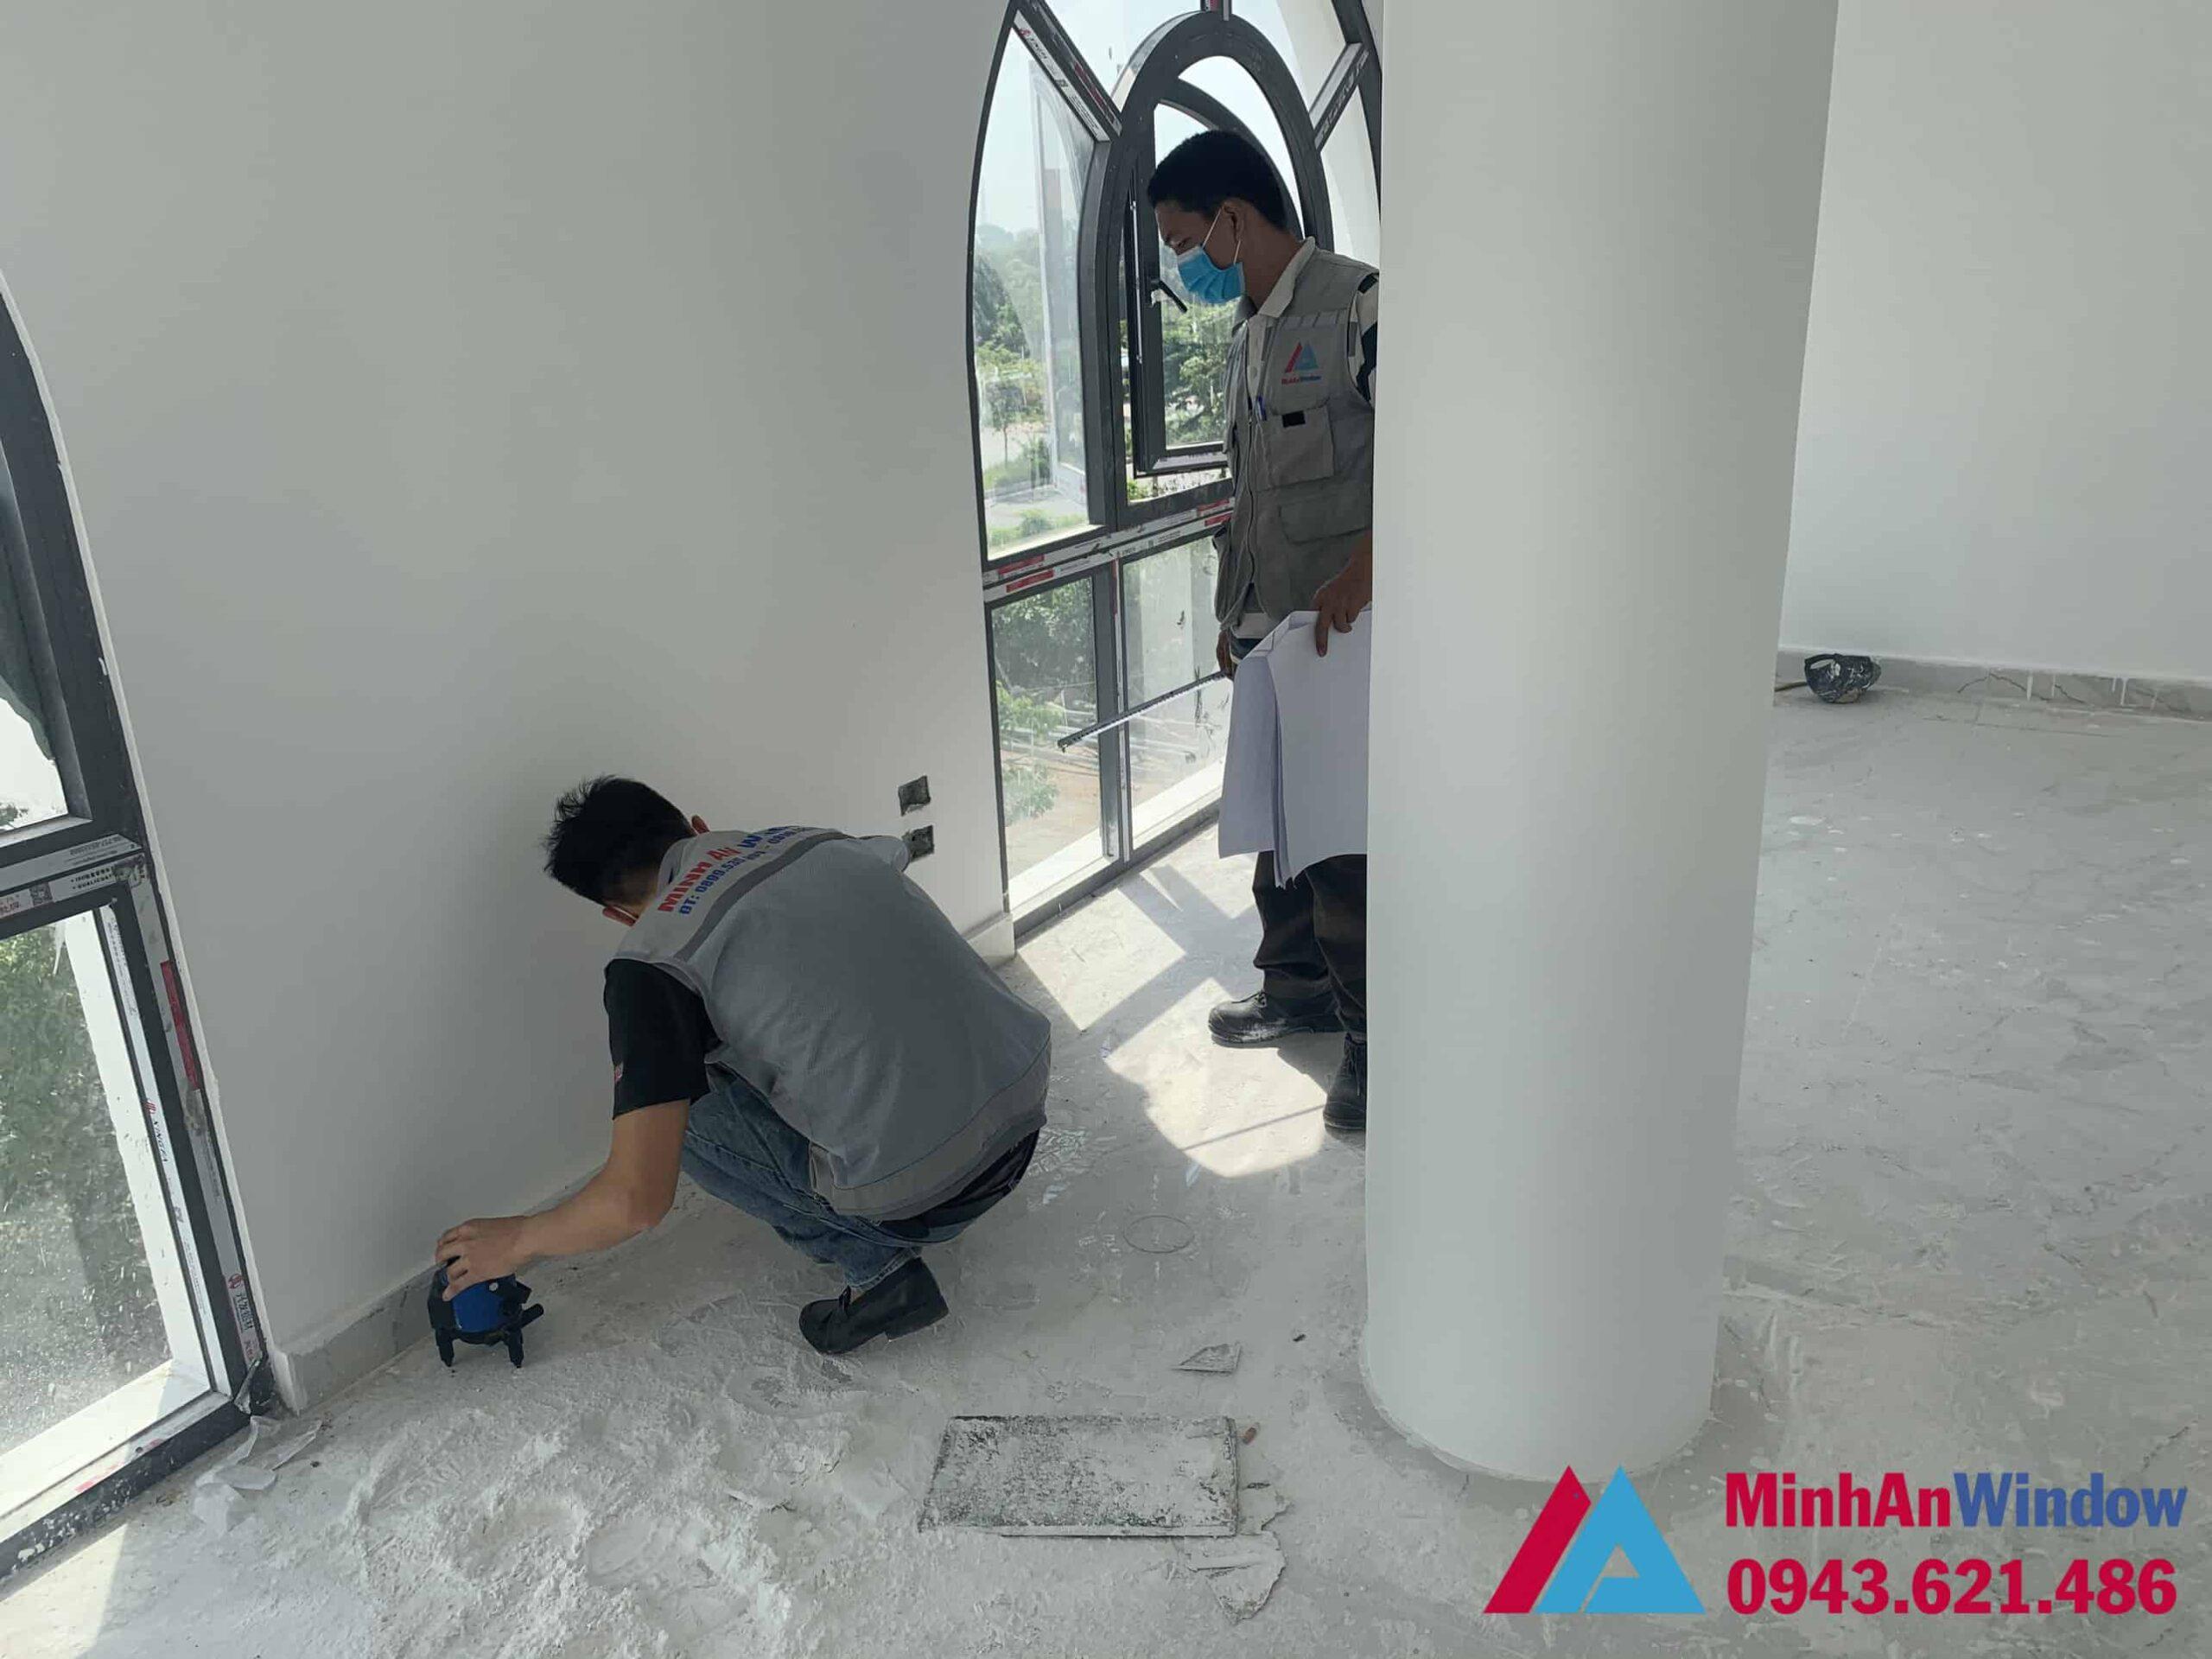 Nhân viên của Minh An Window tiến hành đo đạc, khảo sát làm cửa nhôm kính